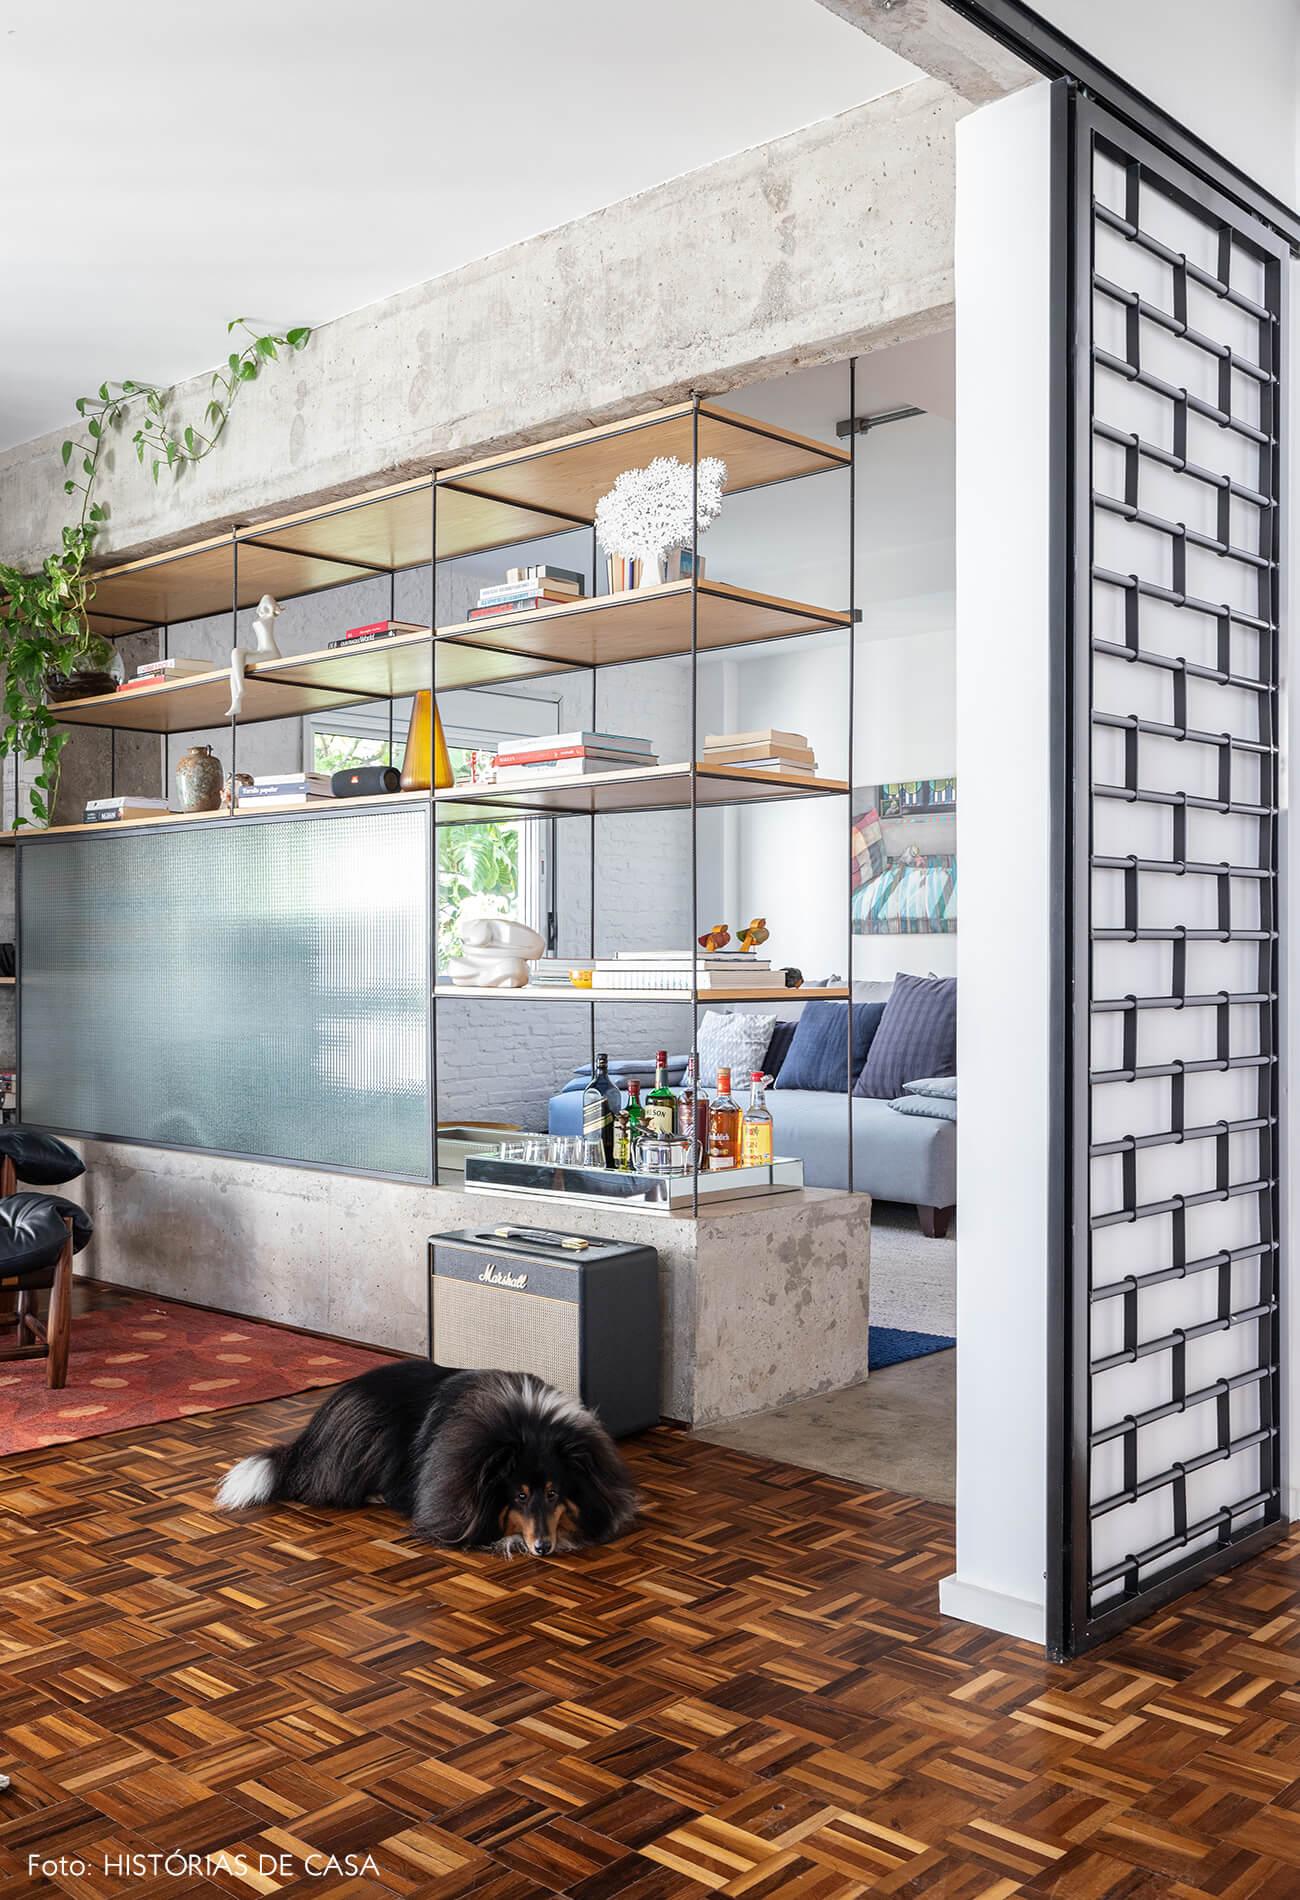 sala-com-estrutura-de-concreto-e-piso-madeira